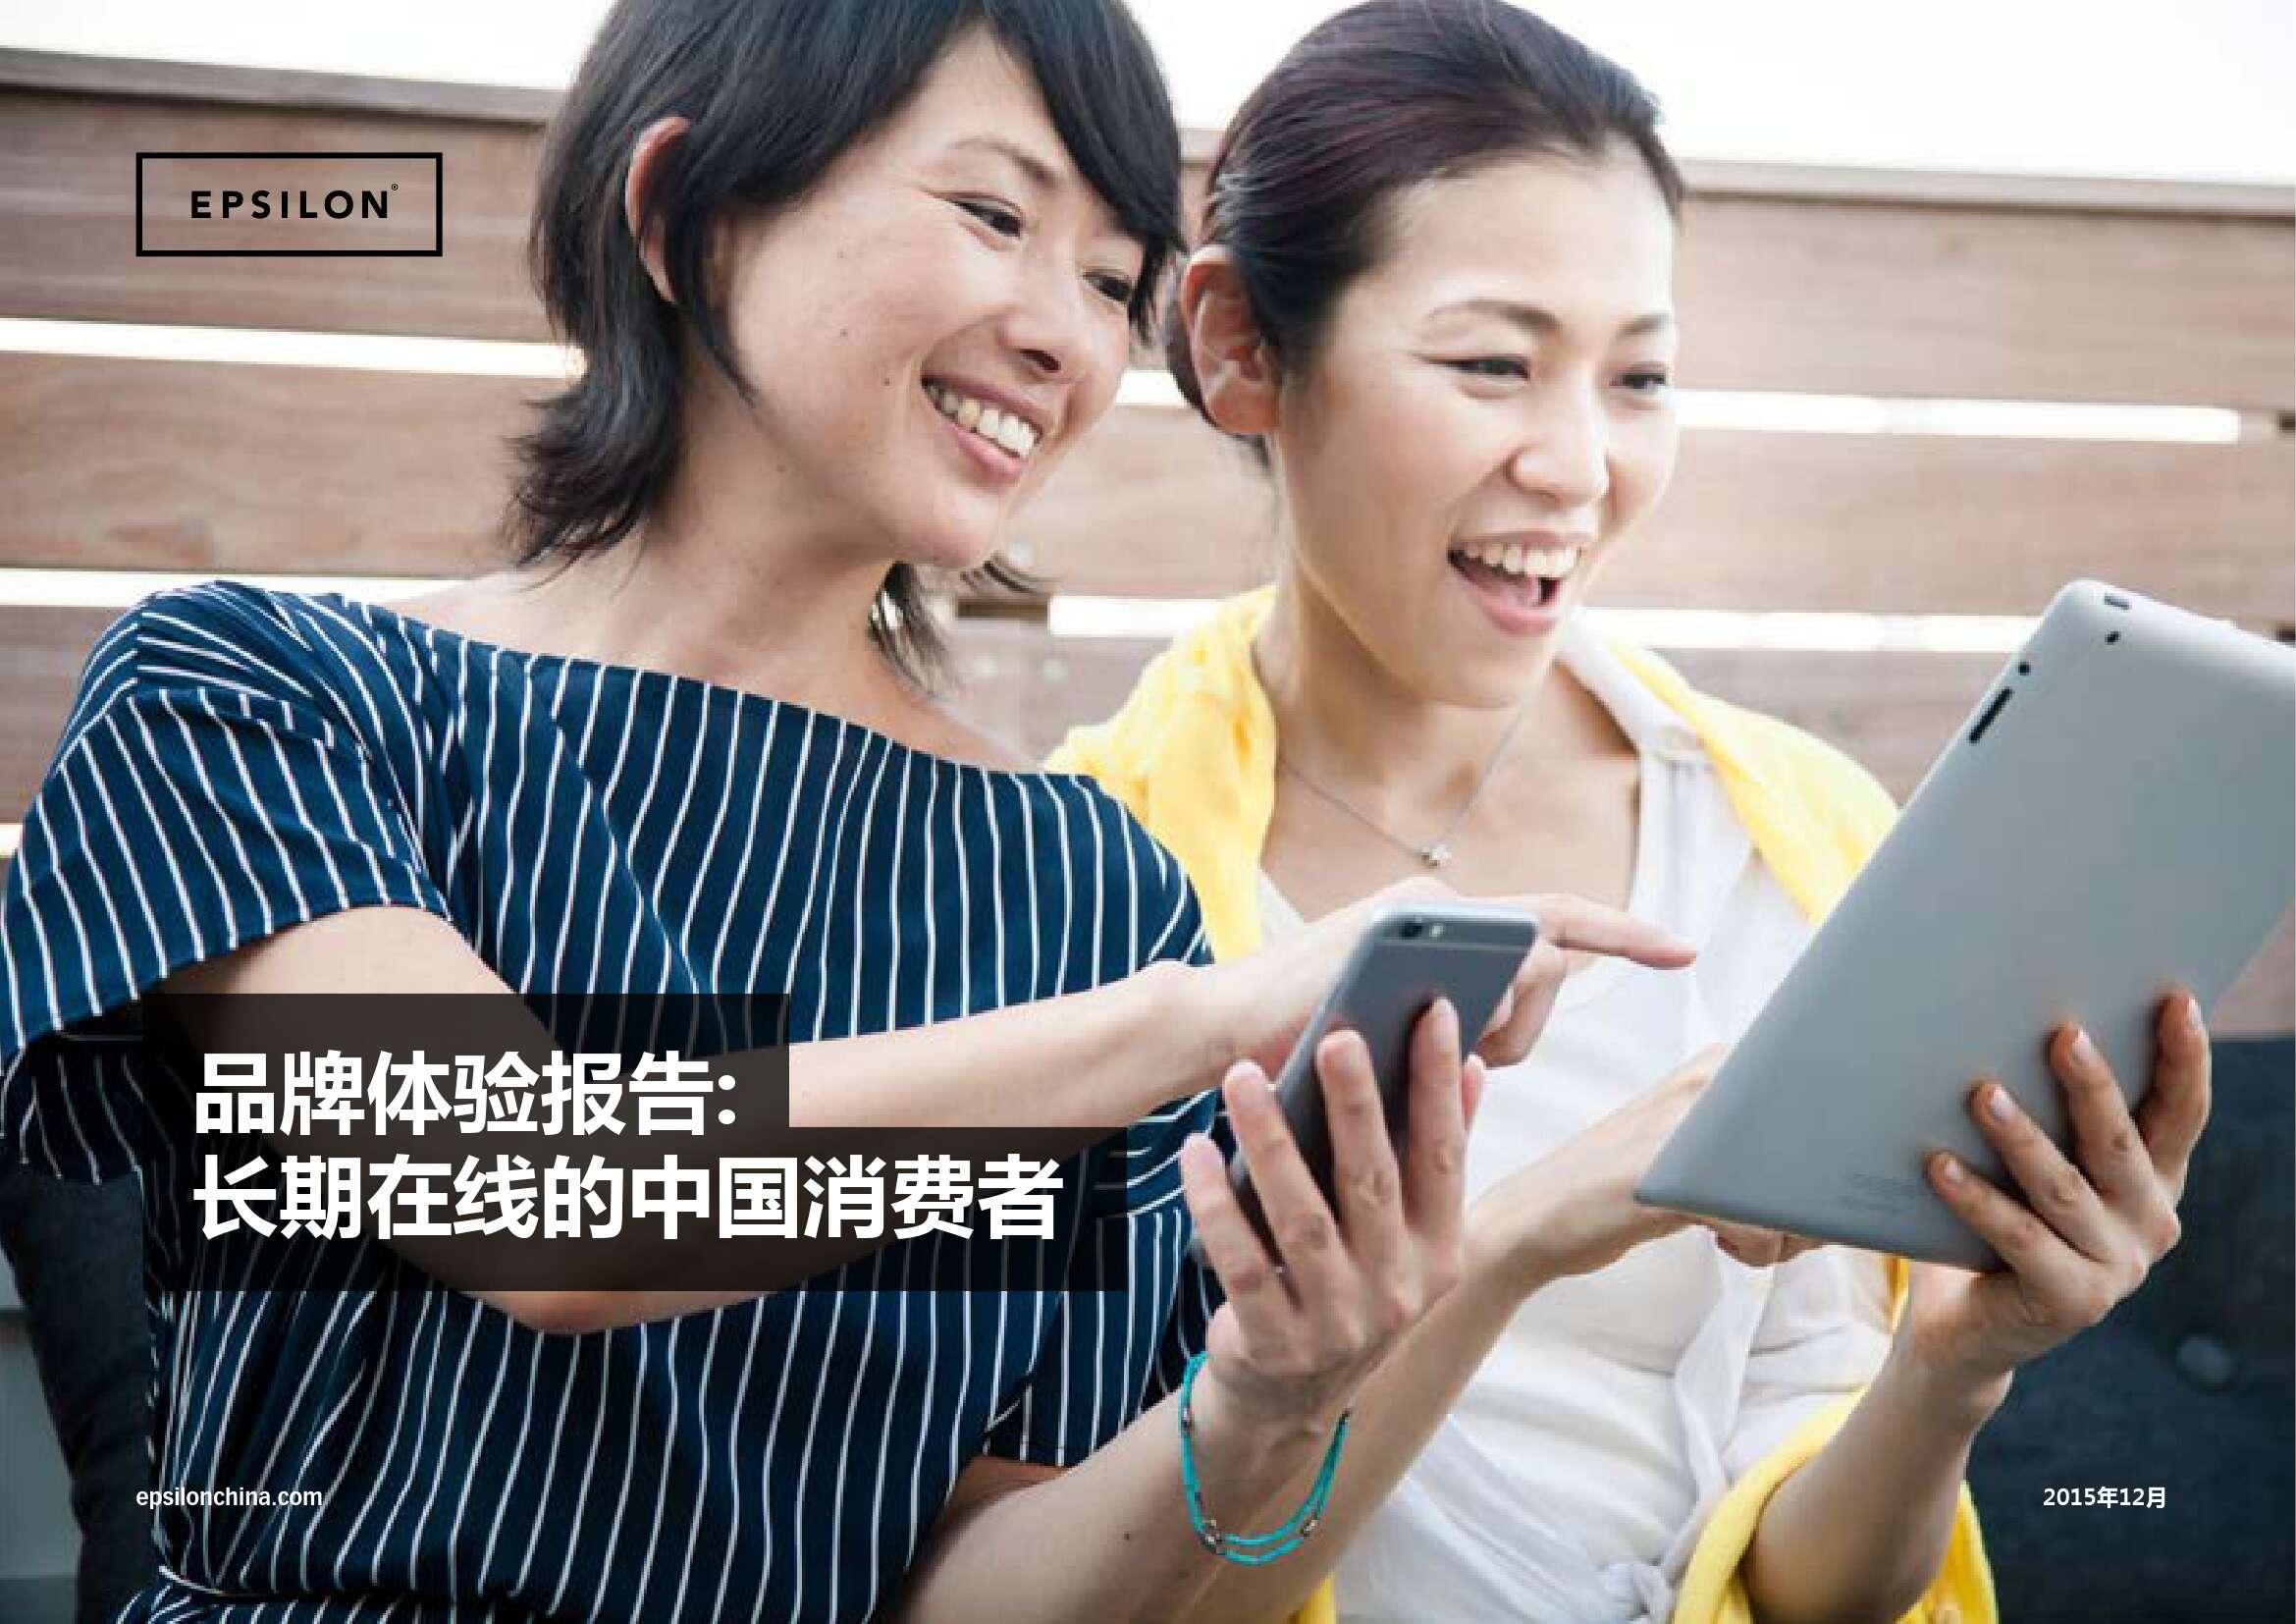 艾司隆 (Epsilon):2015中国消费者品牌体验报告_000001